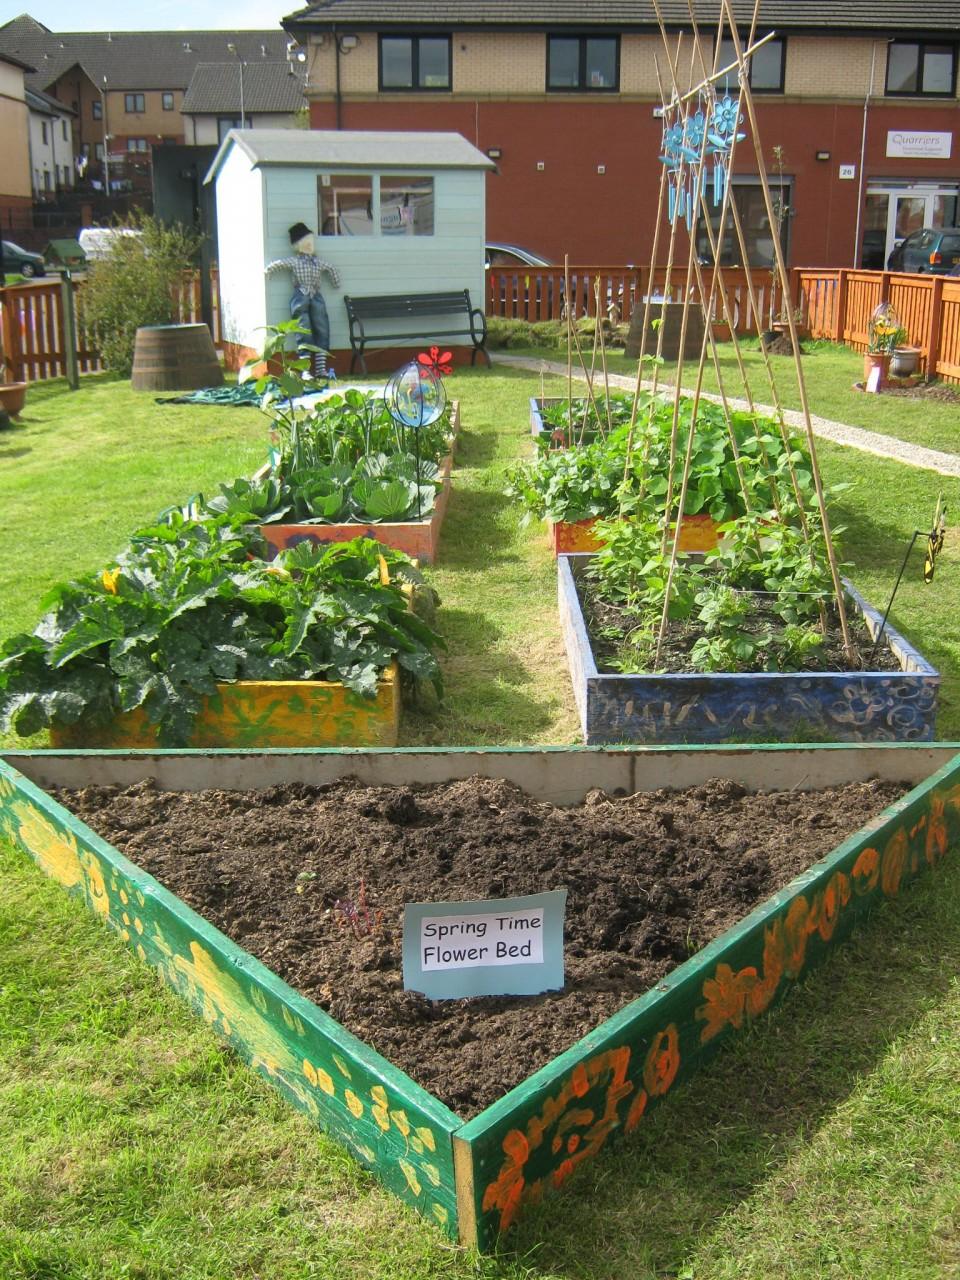 Fasque Children's Garden